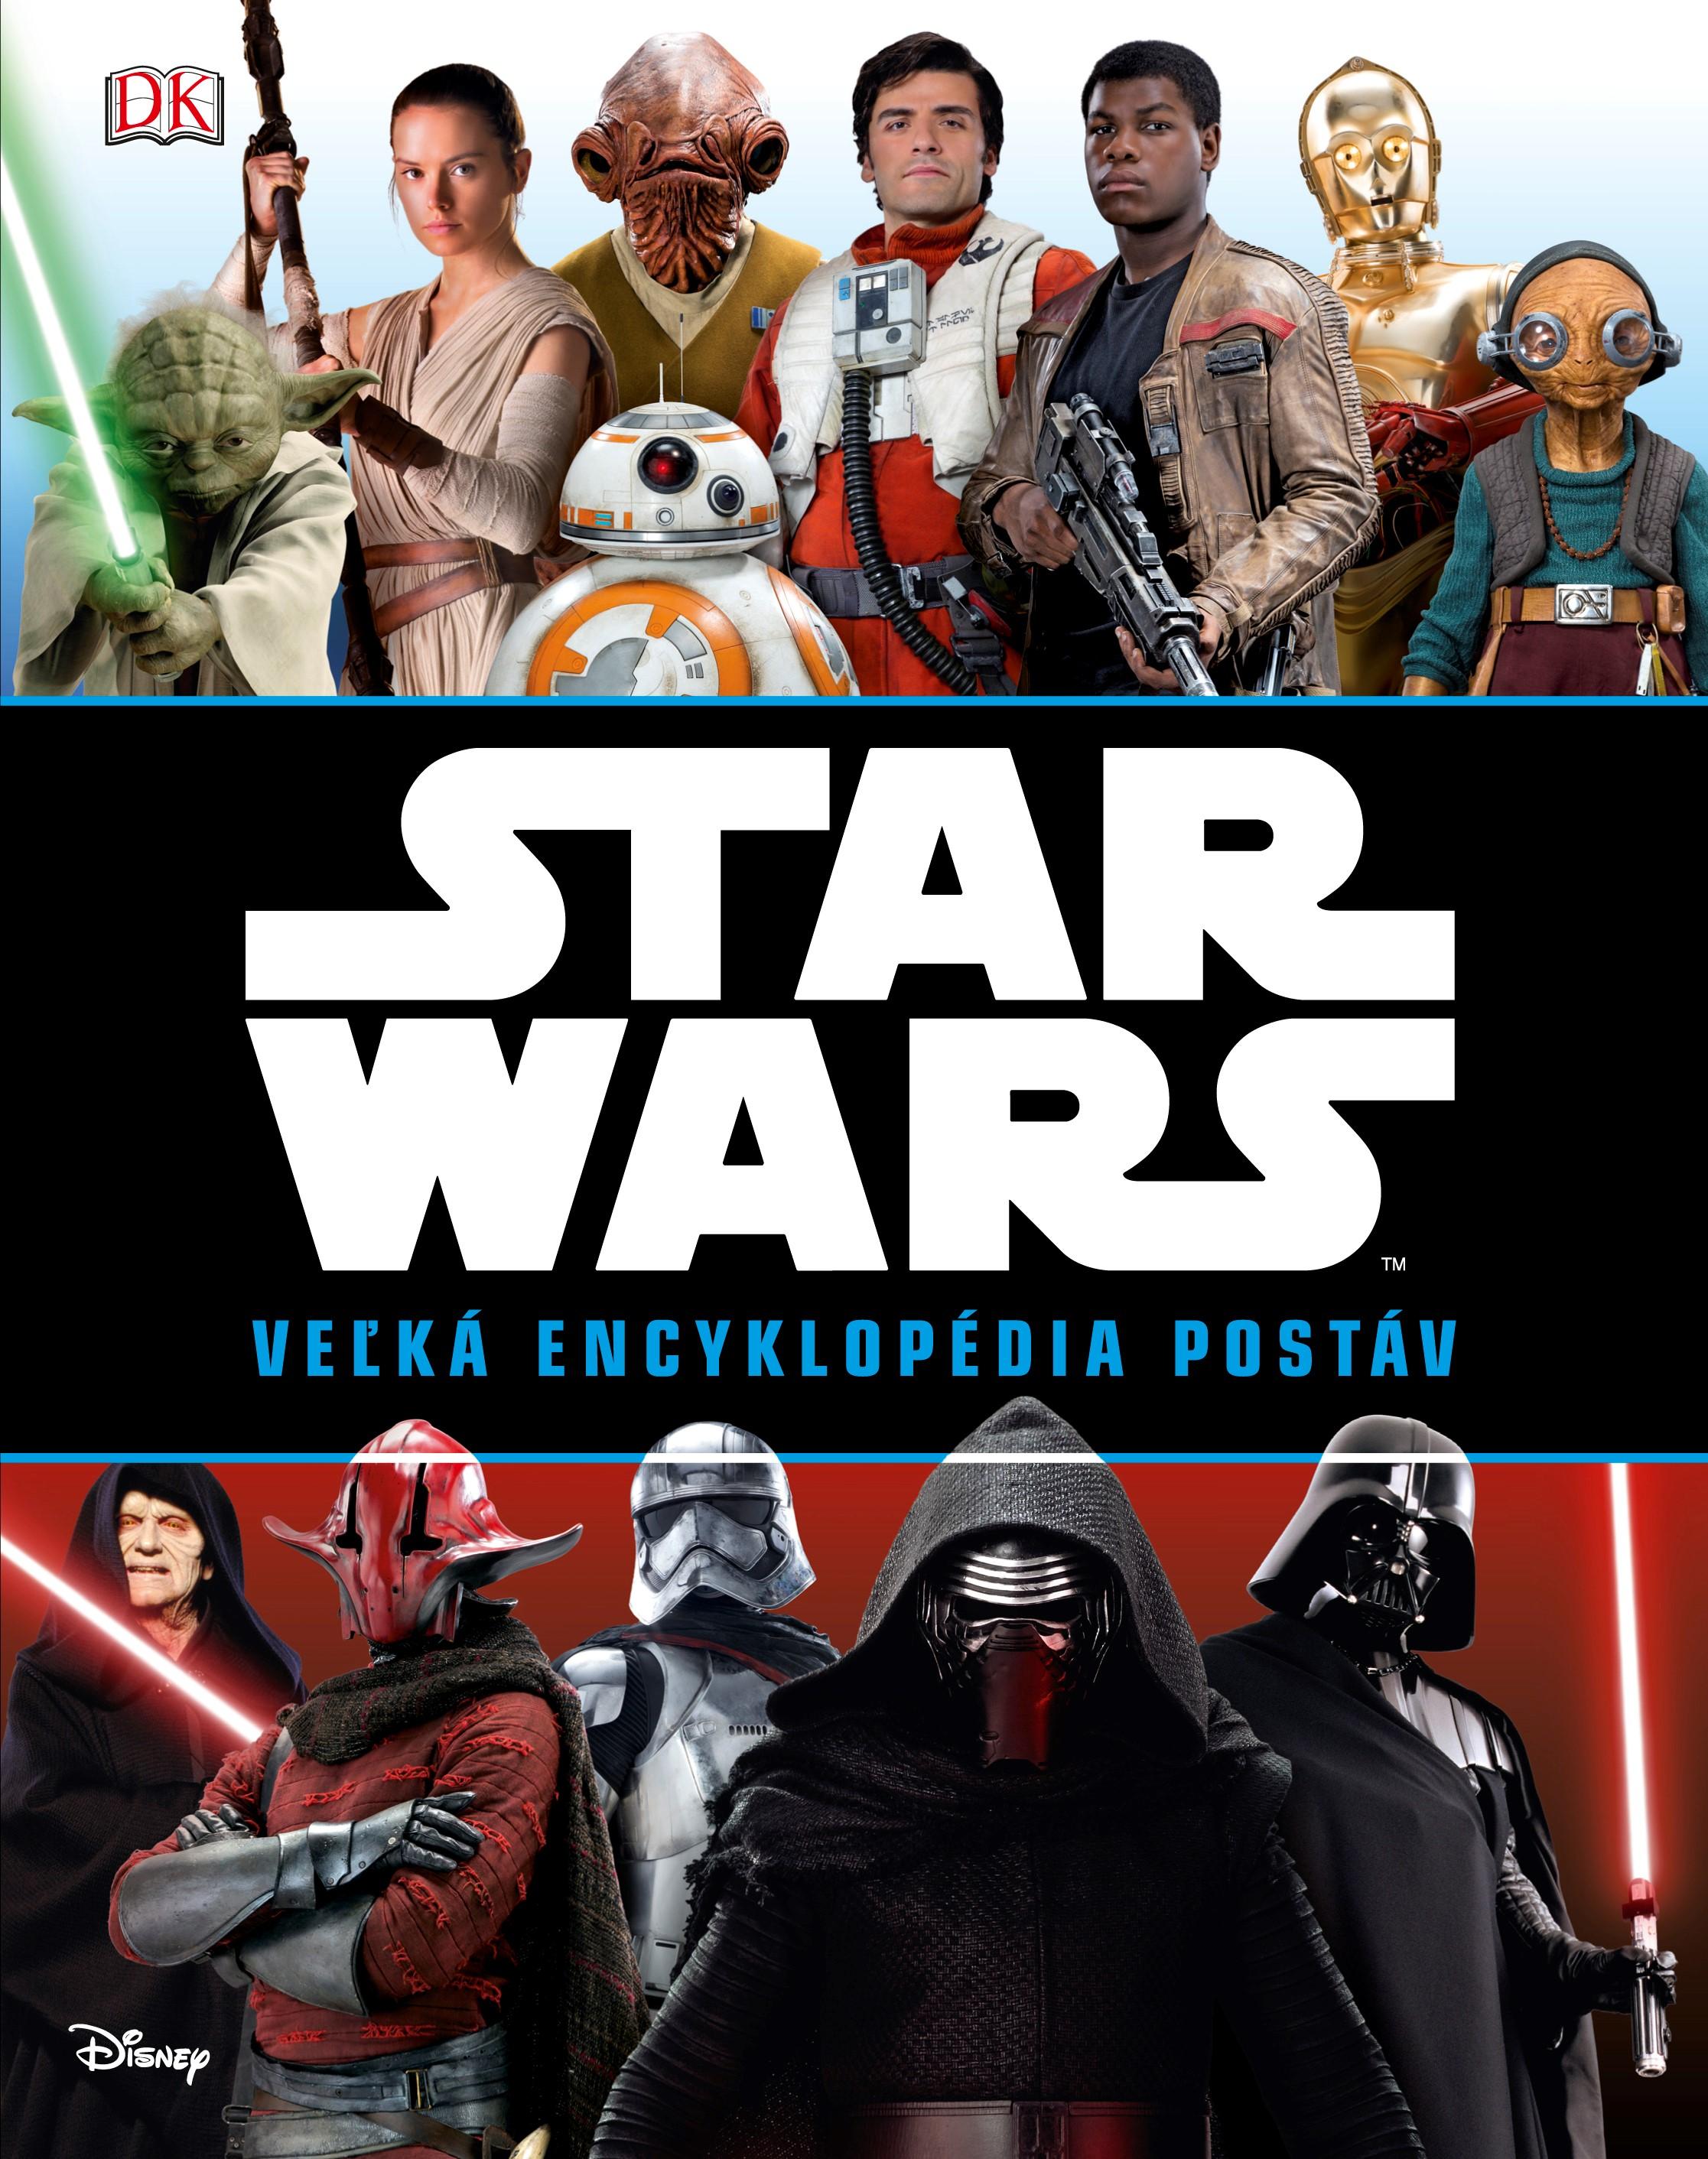 Star Wars: Veľká encyklopédia postáv